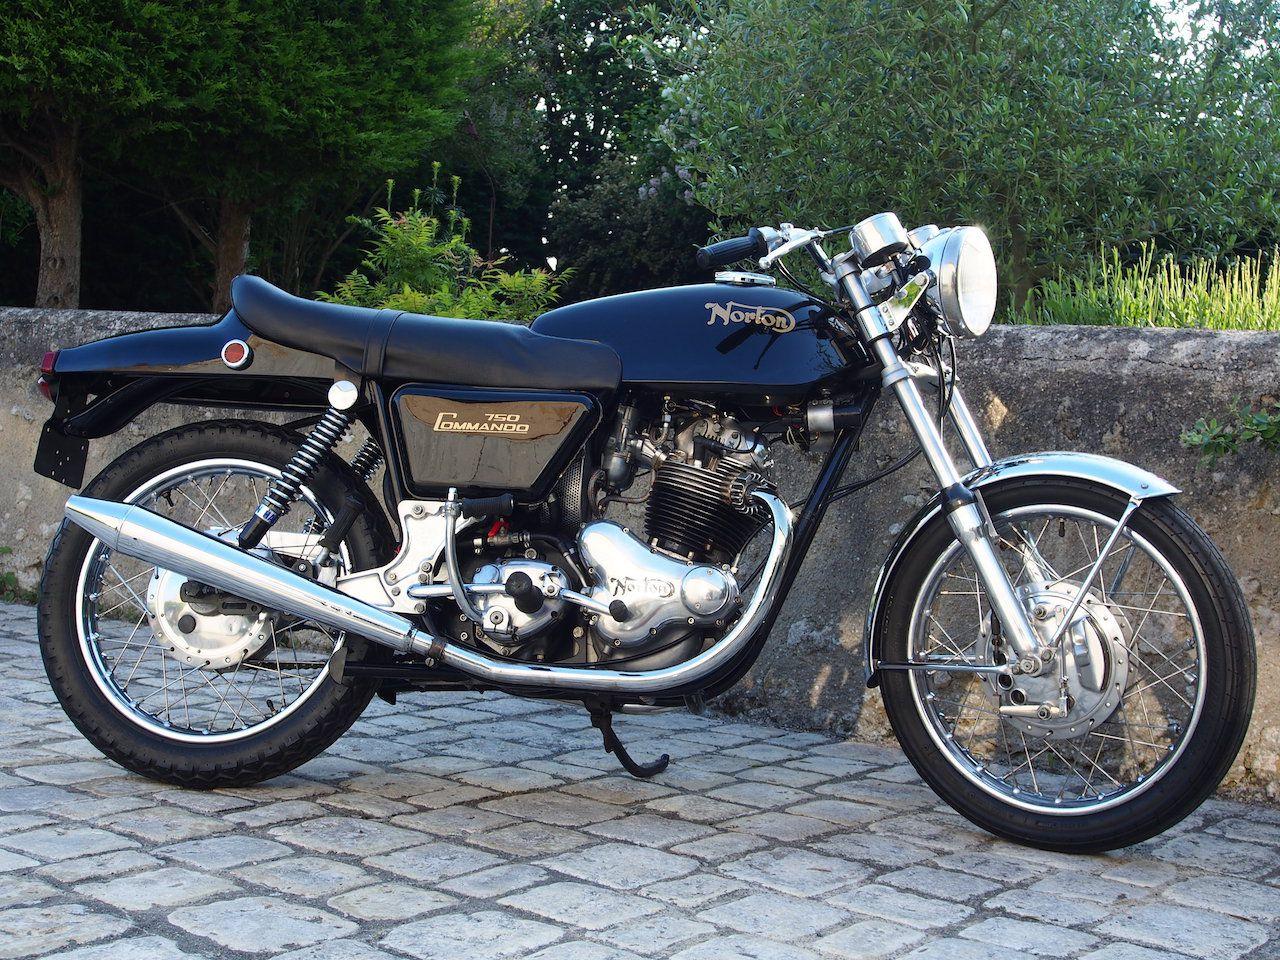 NORTON 750 - FASTBACK 1969